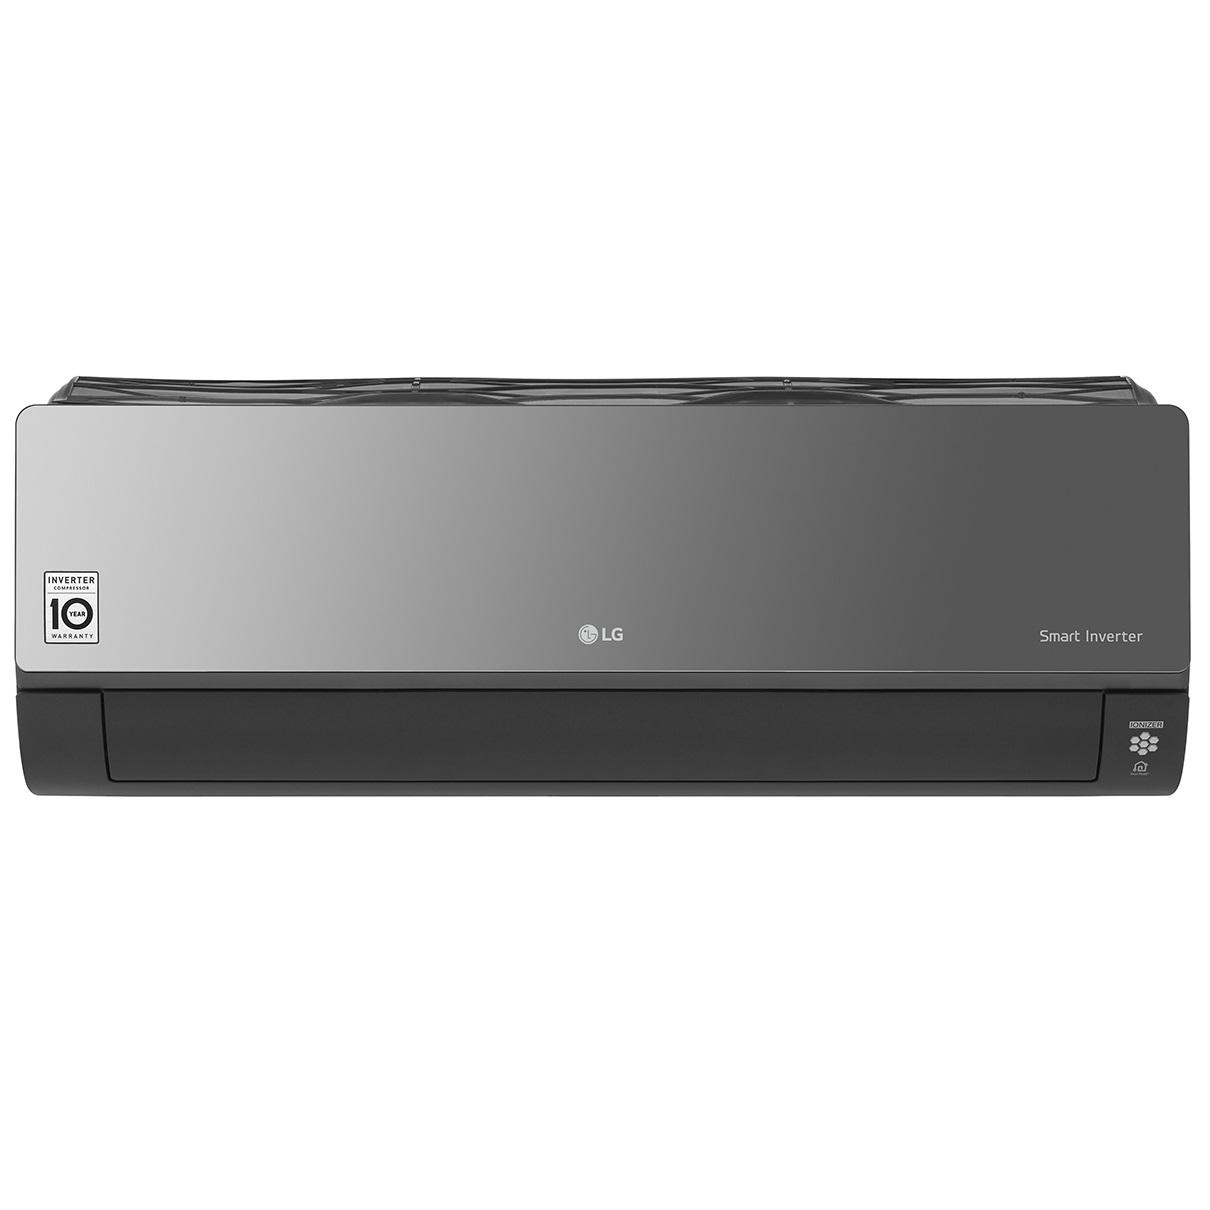 LG klima uređaj inverter AM09BP - Inelektronik